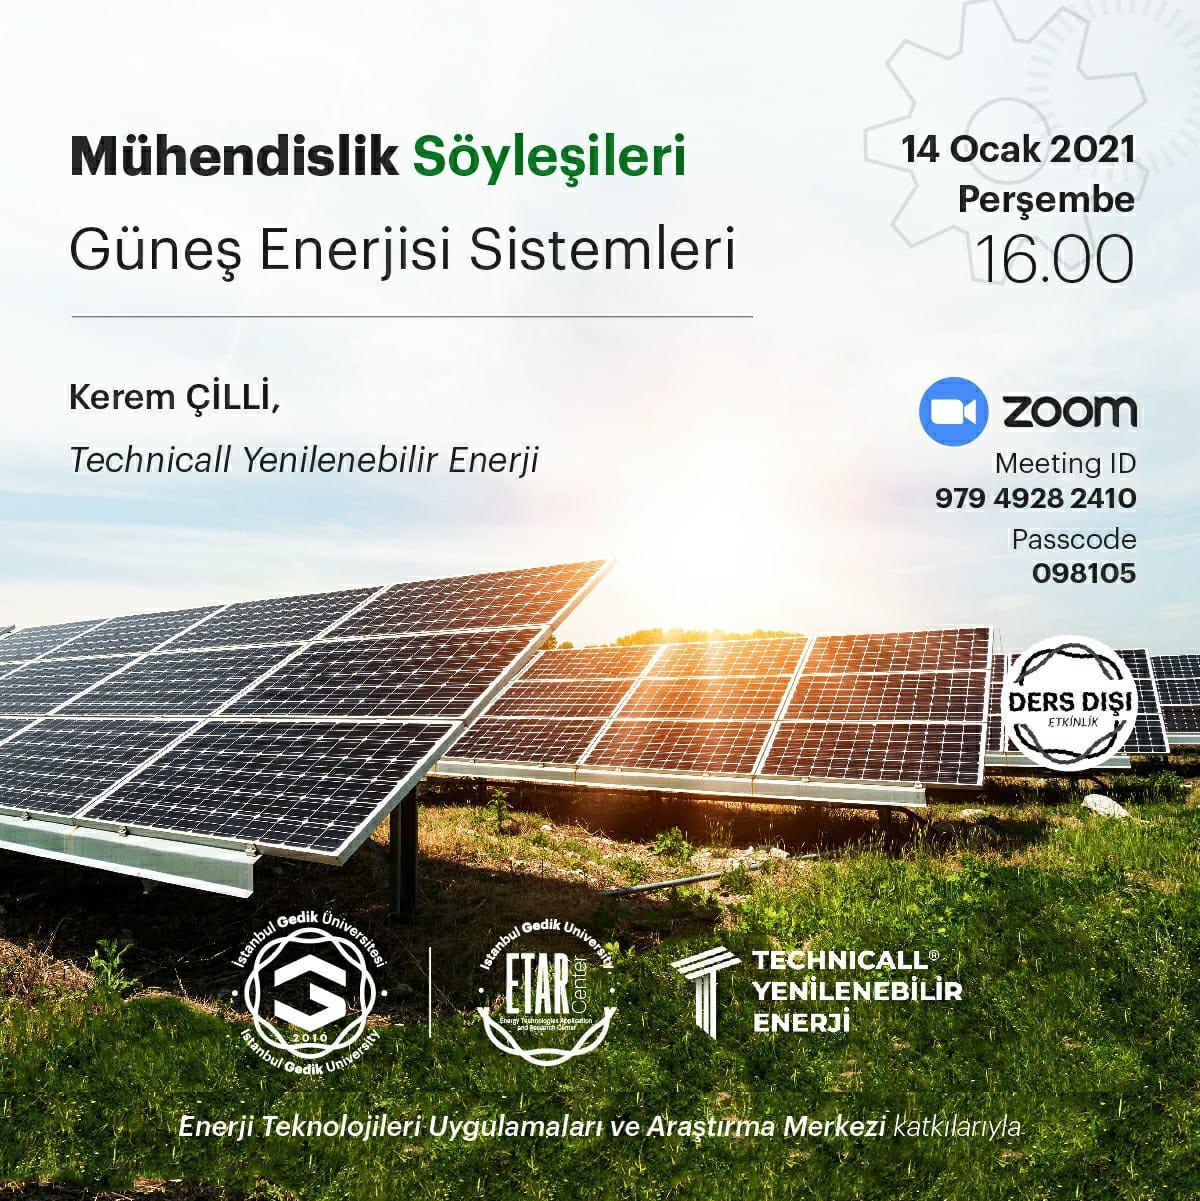 kerem çilli güneş enerjisi seminer gedik üniversitesi